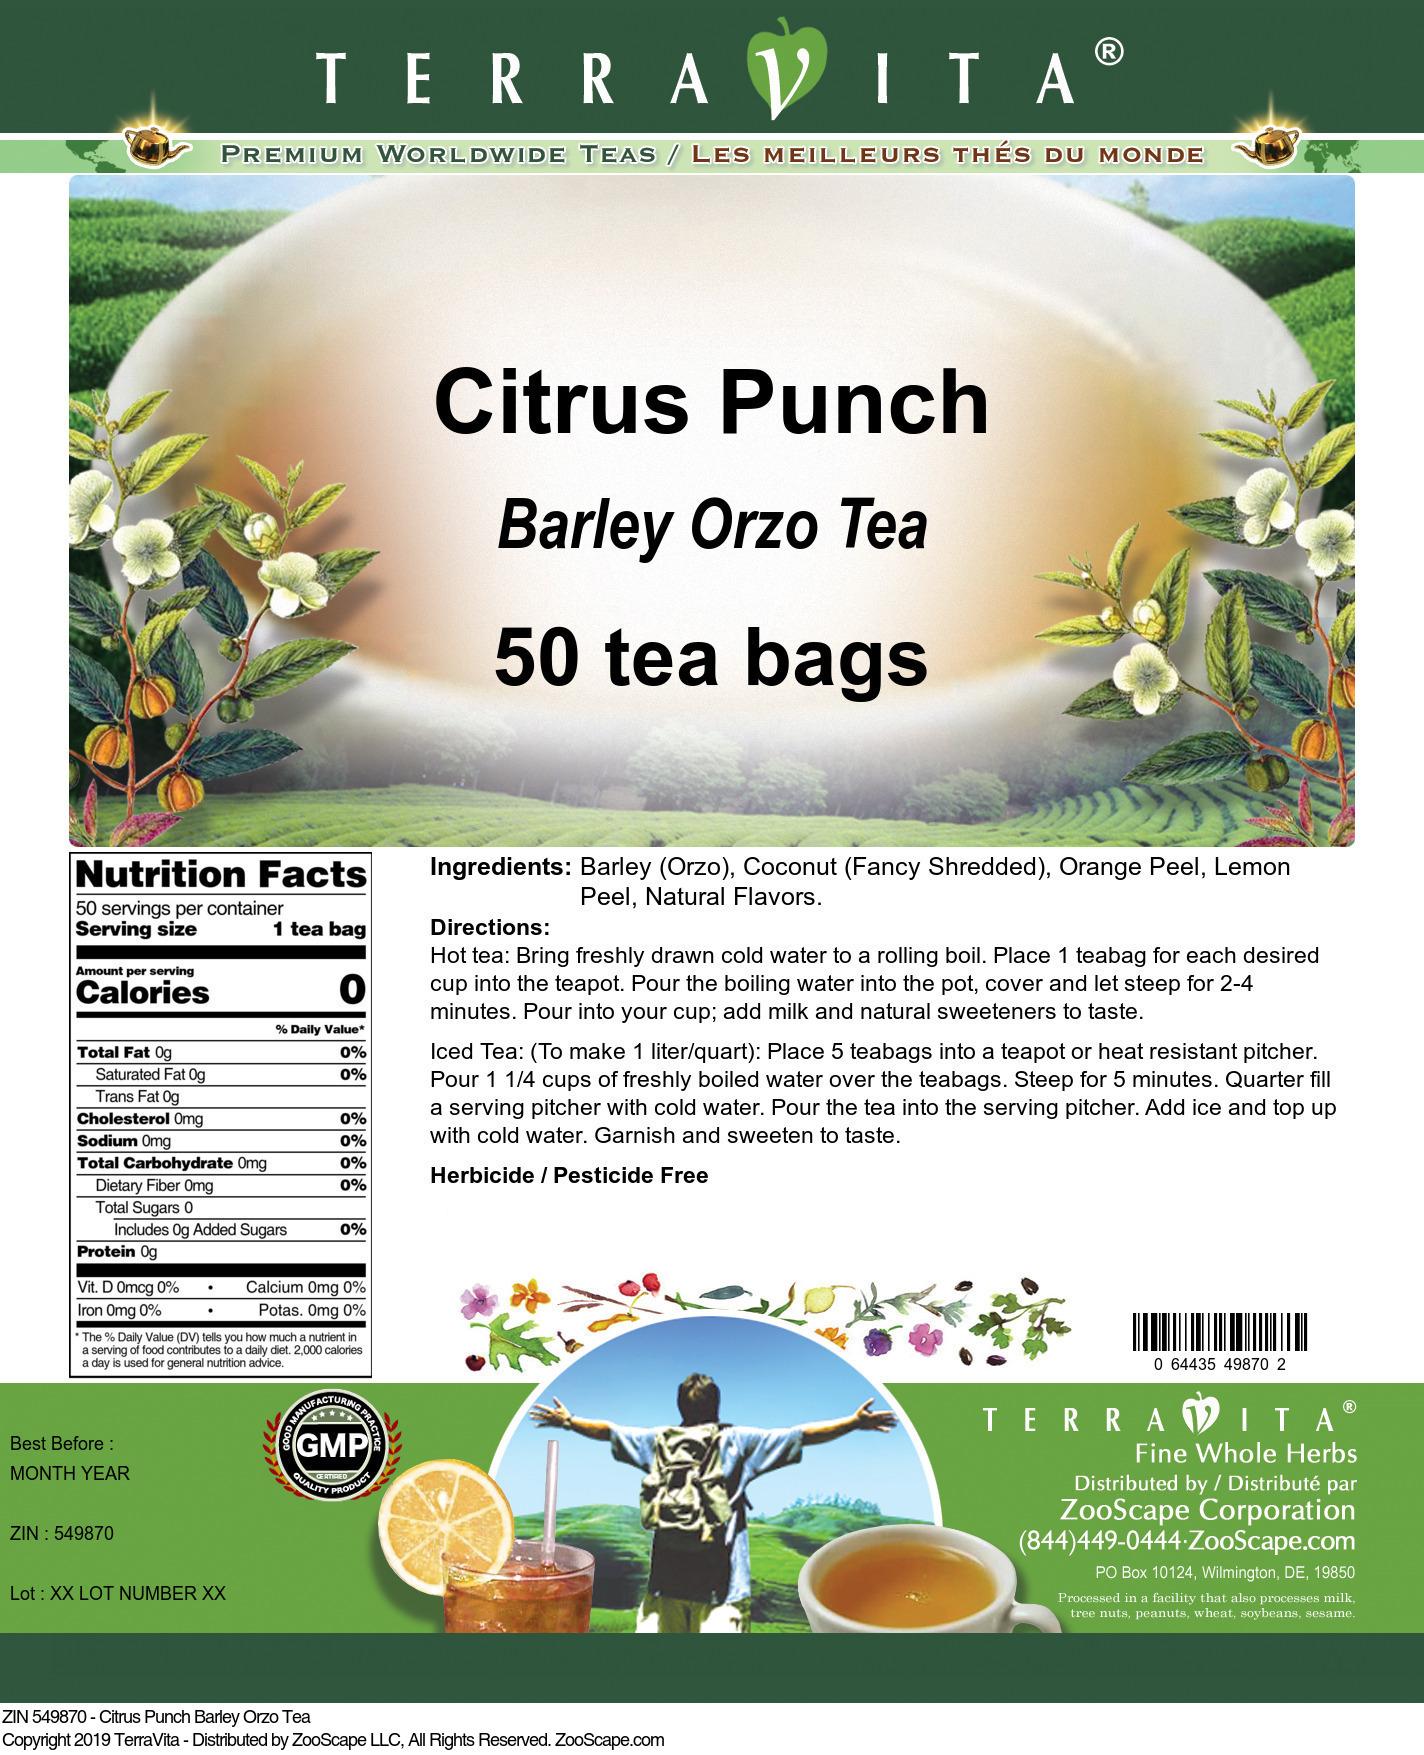 Citrus Punch Barley Orzo